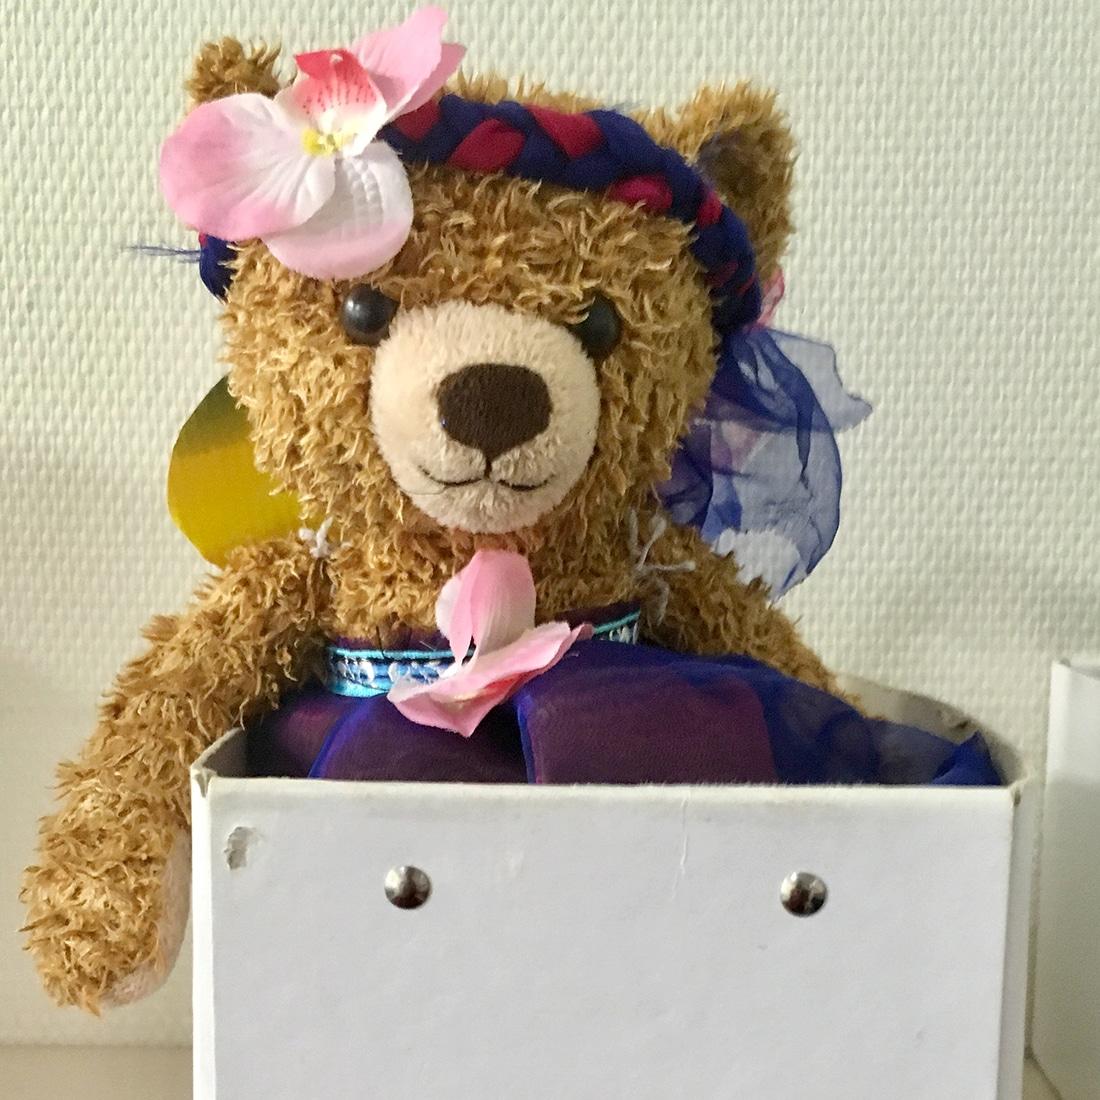 Als Fee verkleideter Teddybär